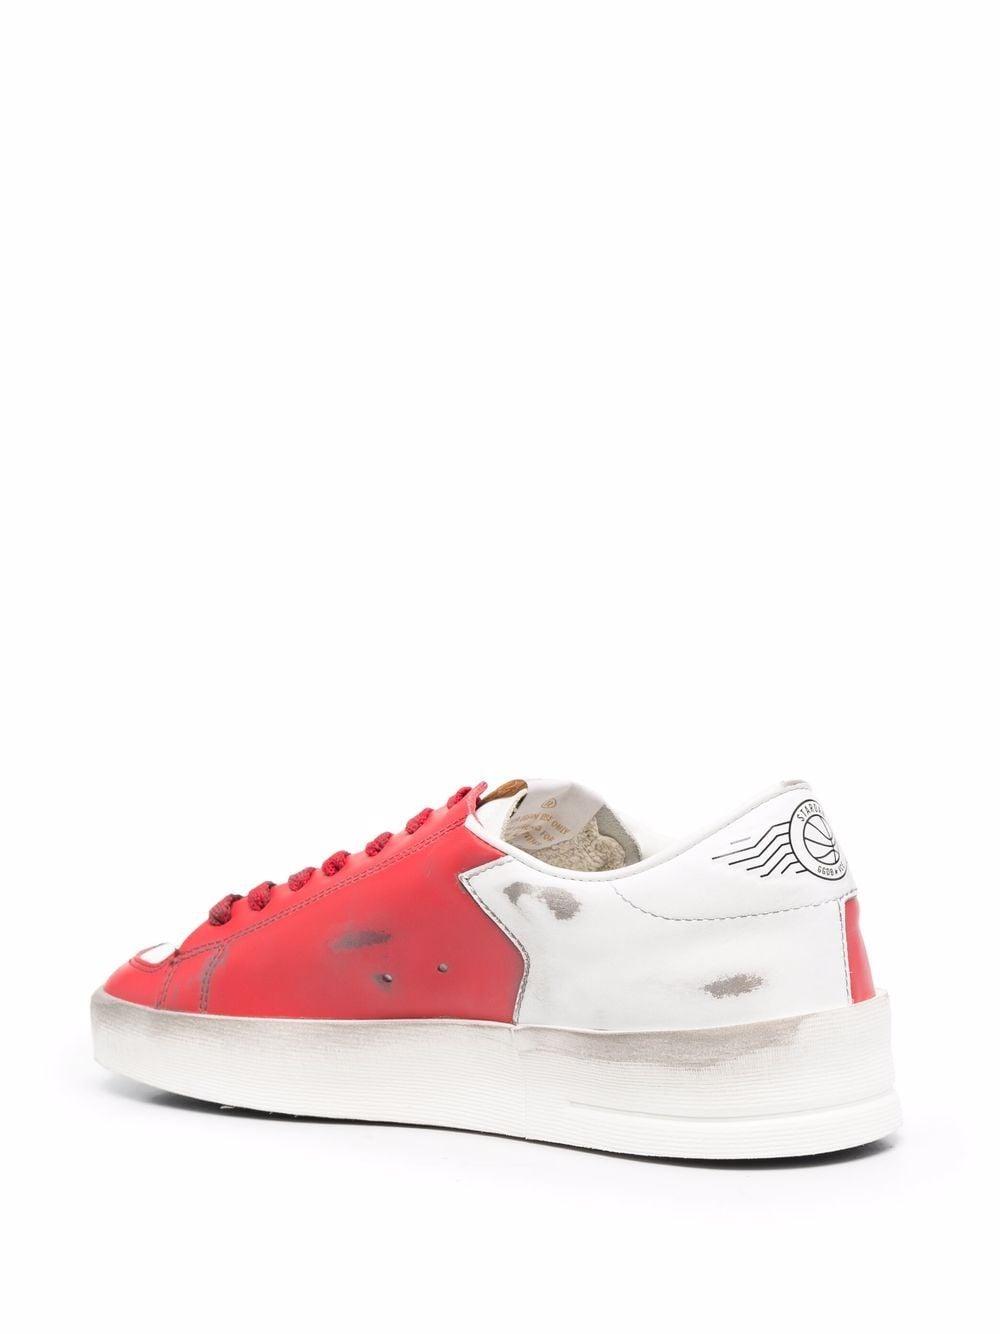 Picture of Golden Goose Deluxe Brand | Stardan Low Top Sneakers